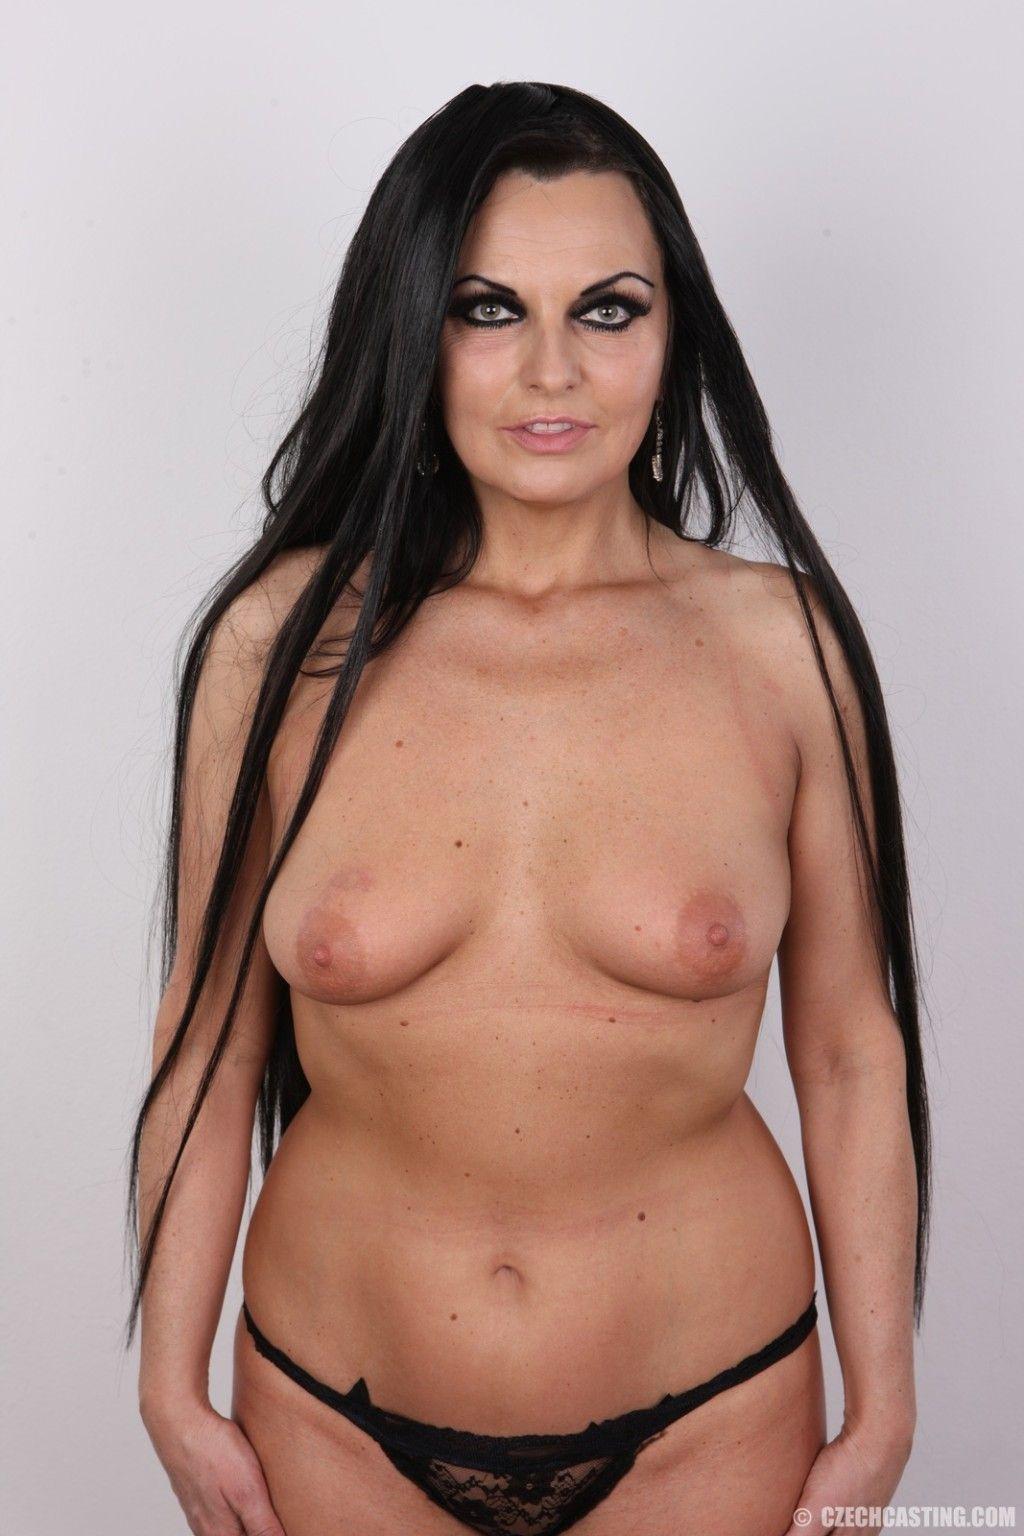 curvy mature brunette poses at xxxsexpic